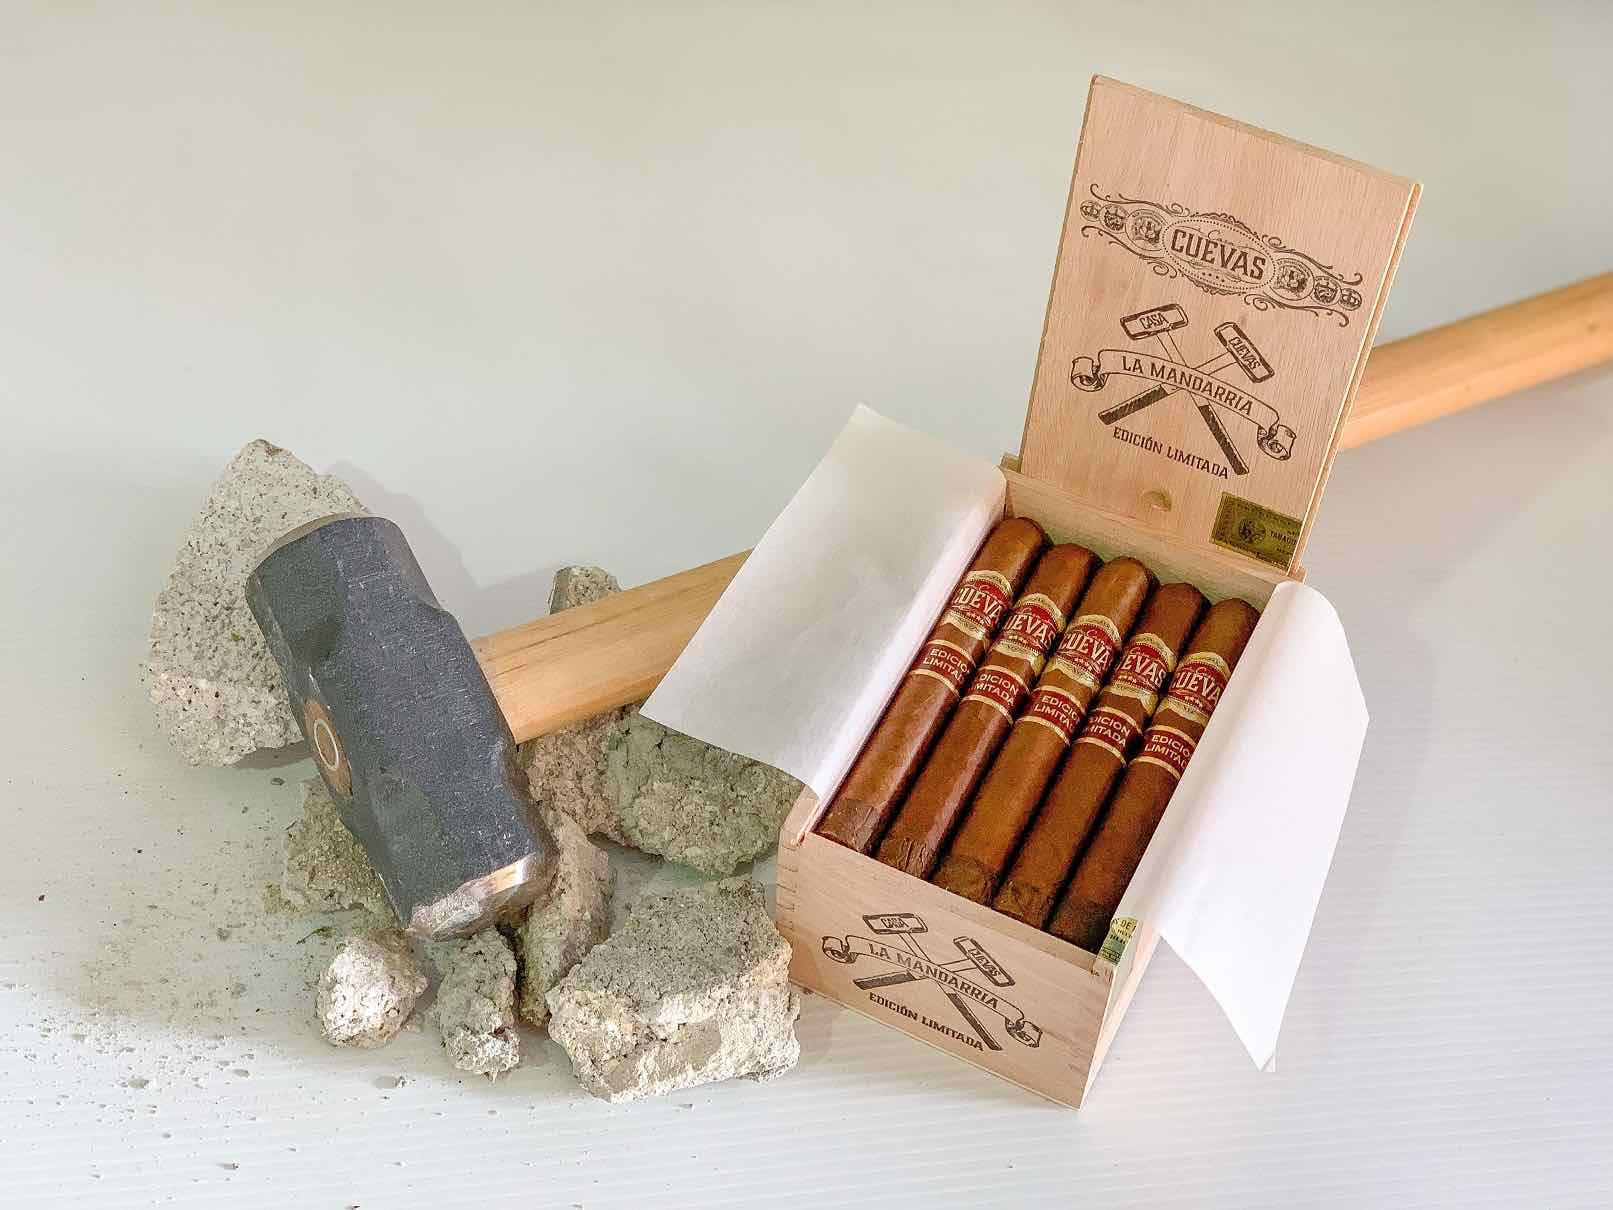 Cigar News: Casa Cuevas La Mandarria Heads to Retailers